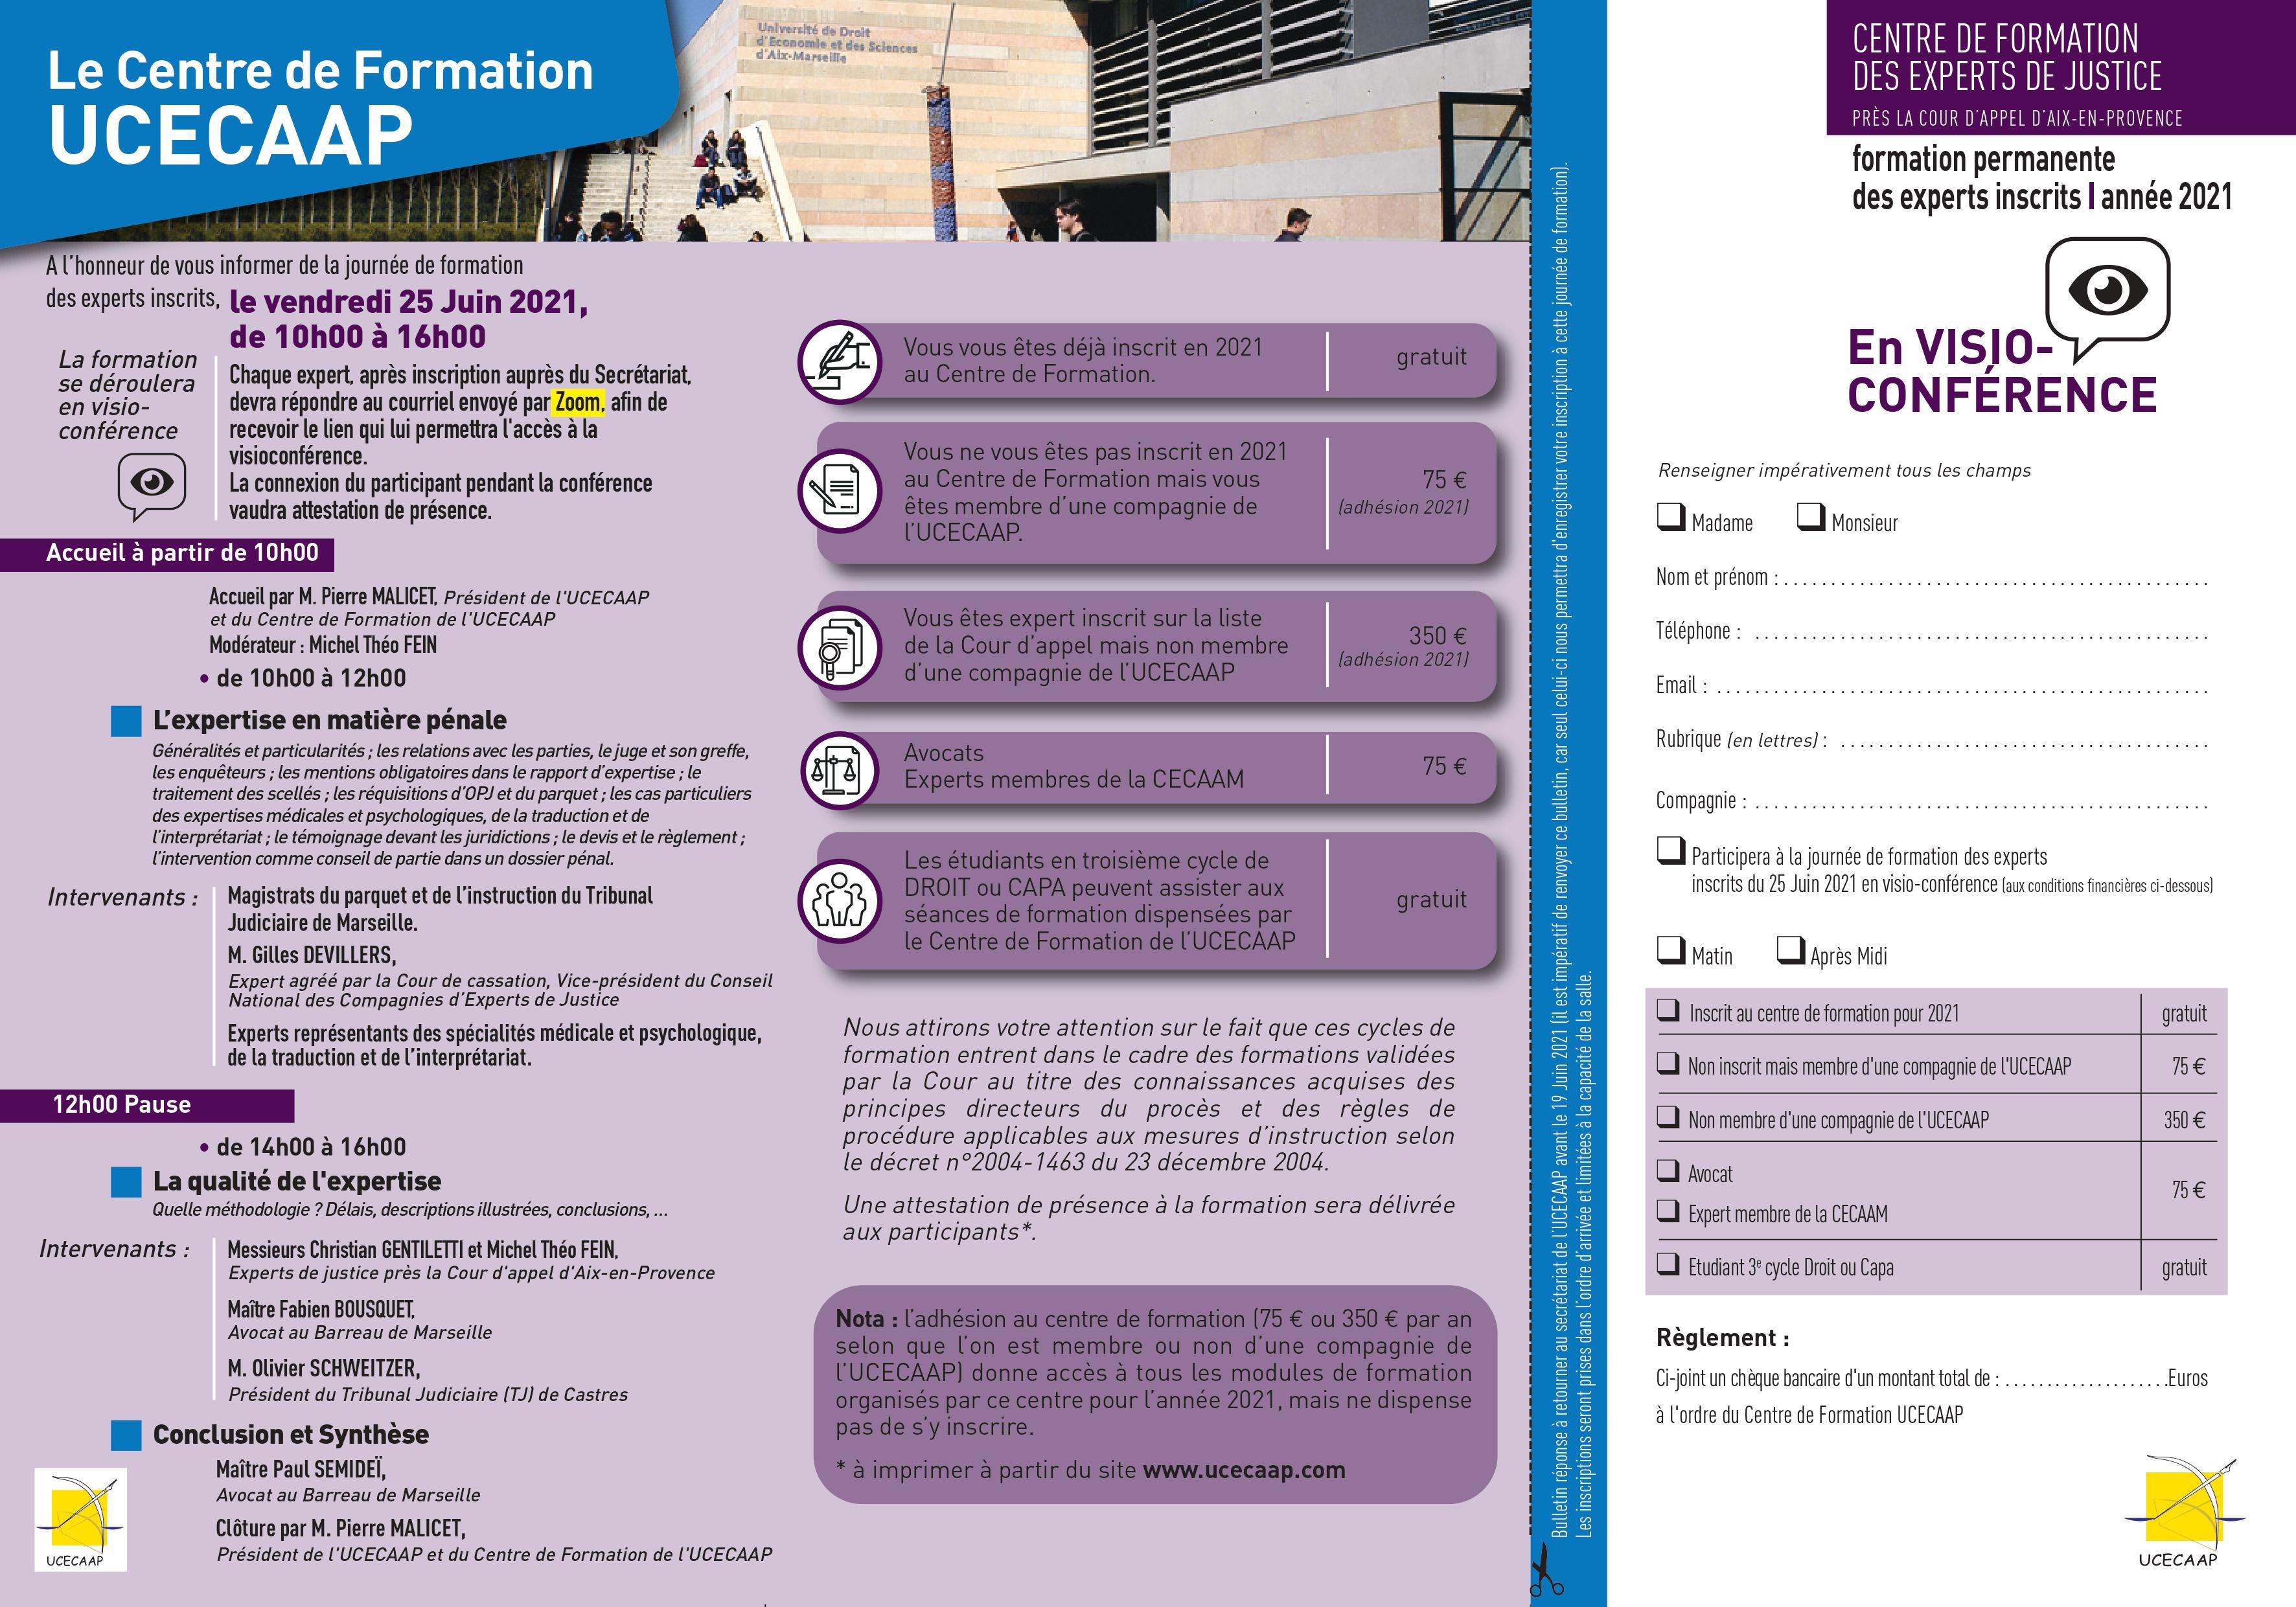 Programme de la formation des experts de justice